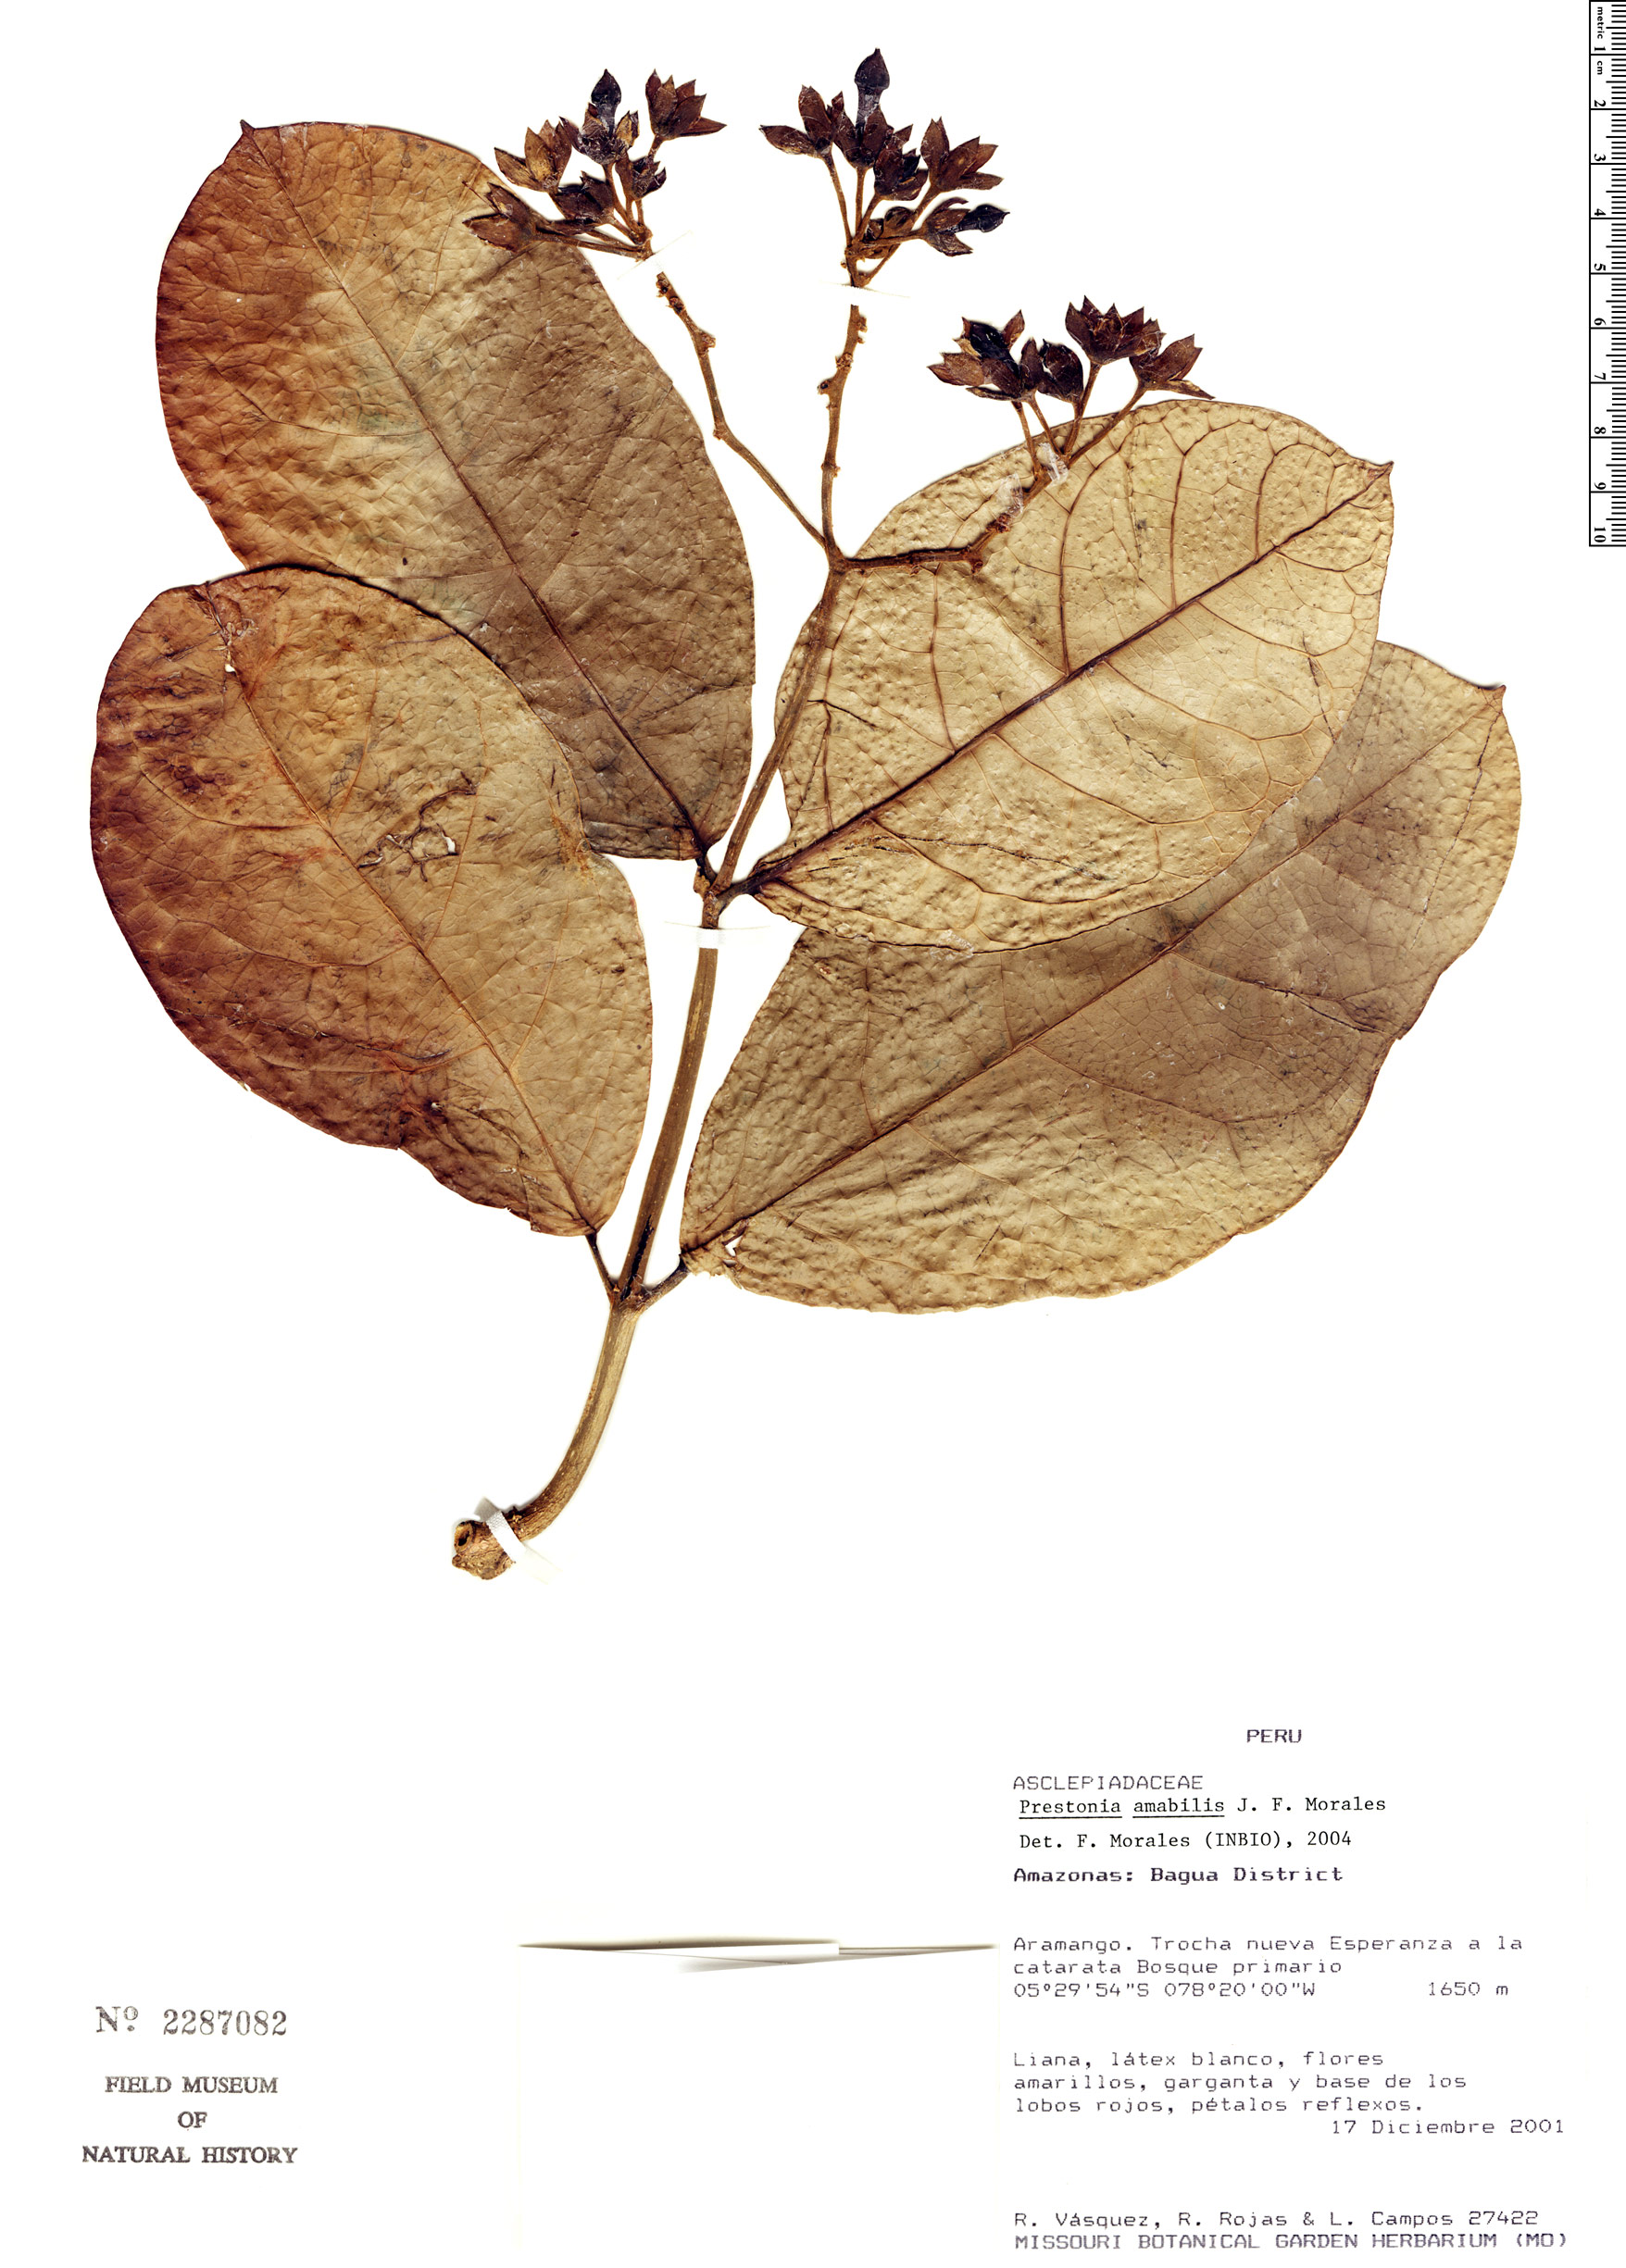 Specimen: Prestonia amabilis